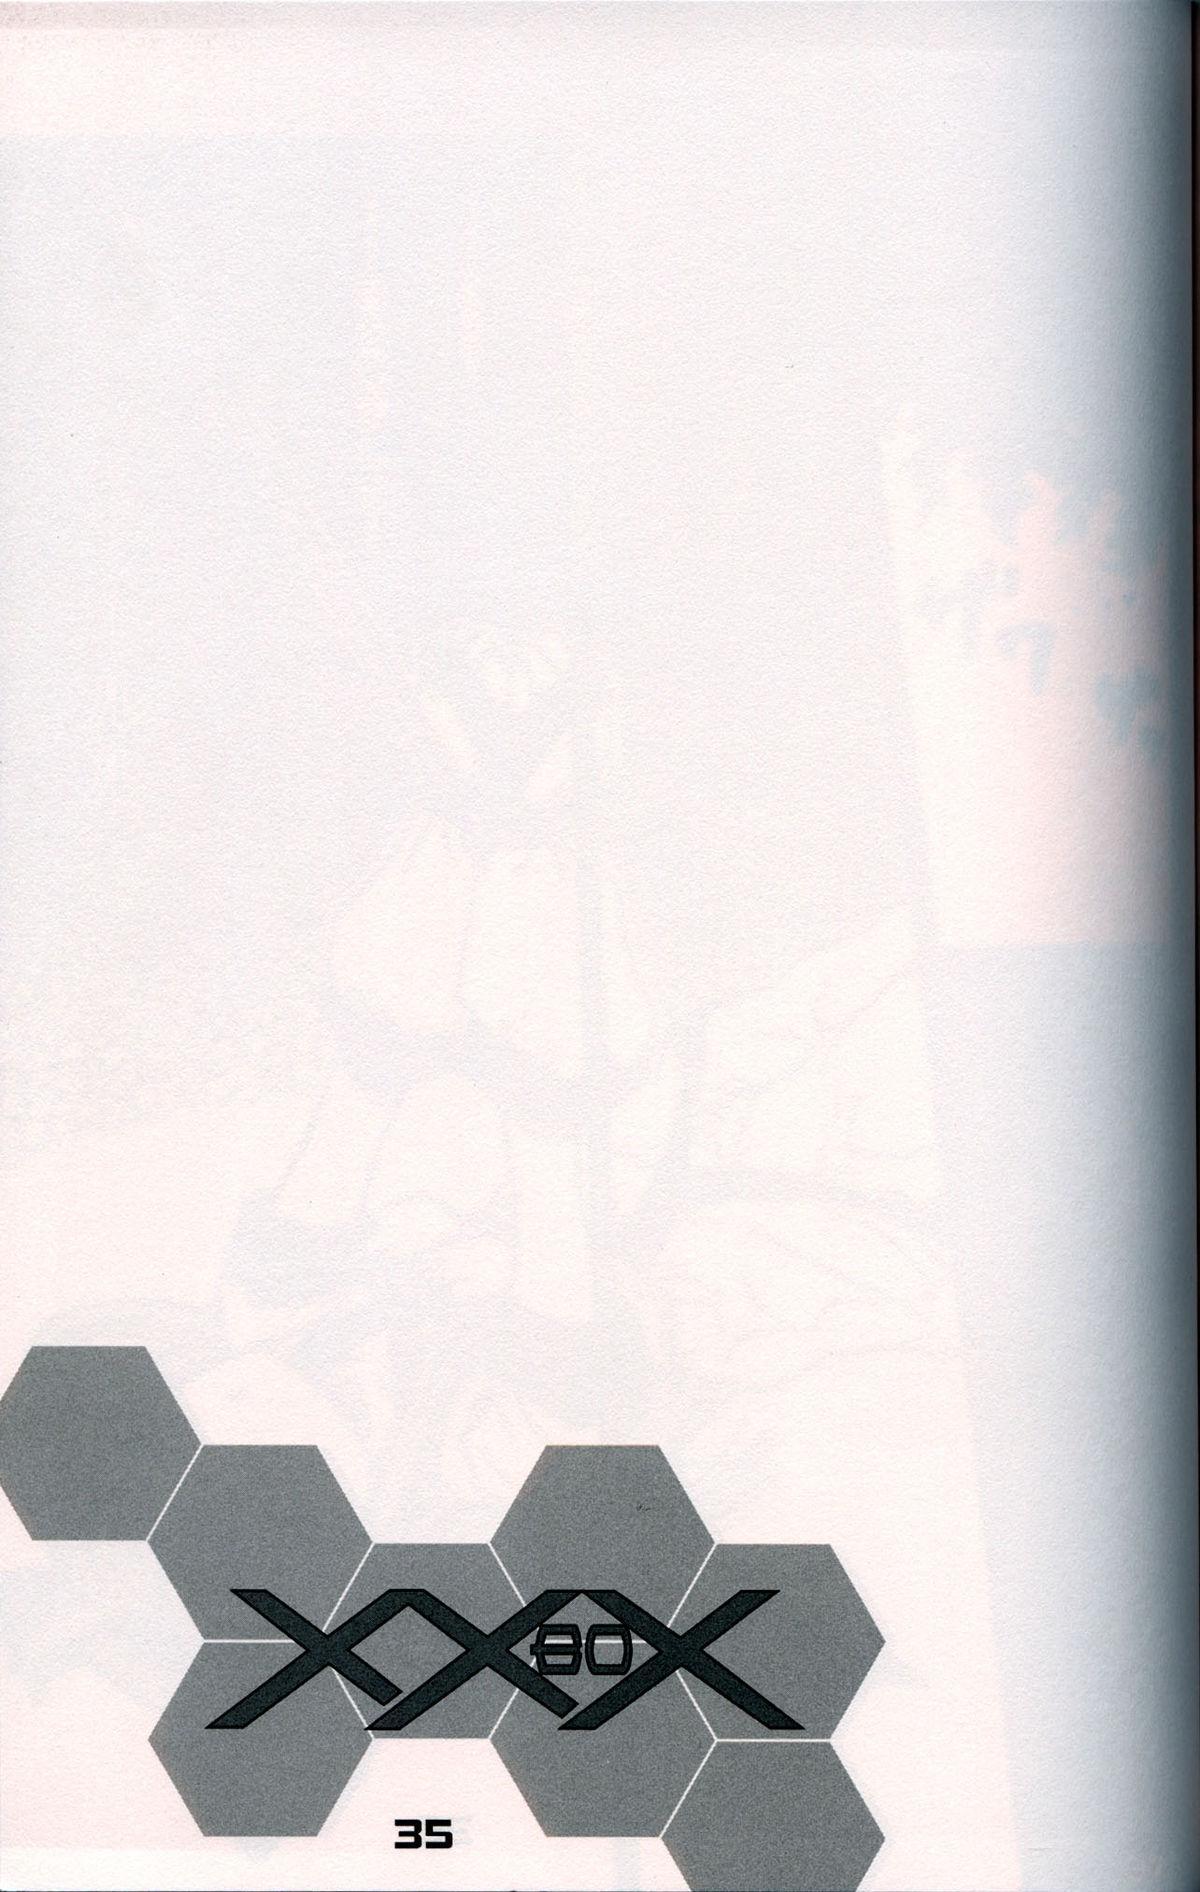 XXBOX 33